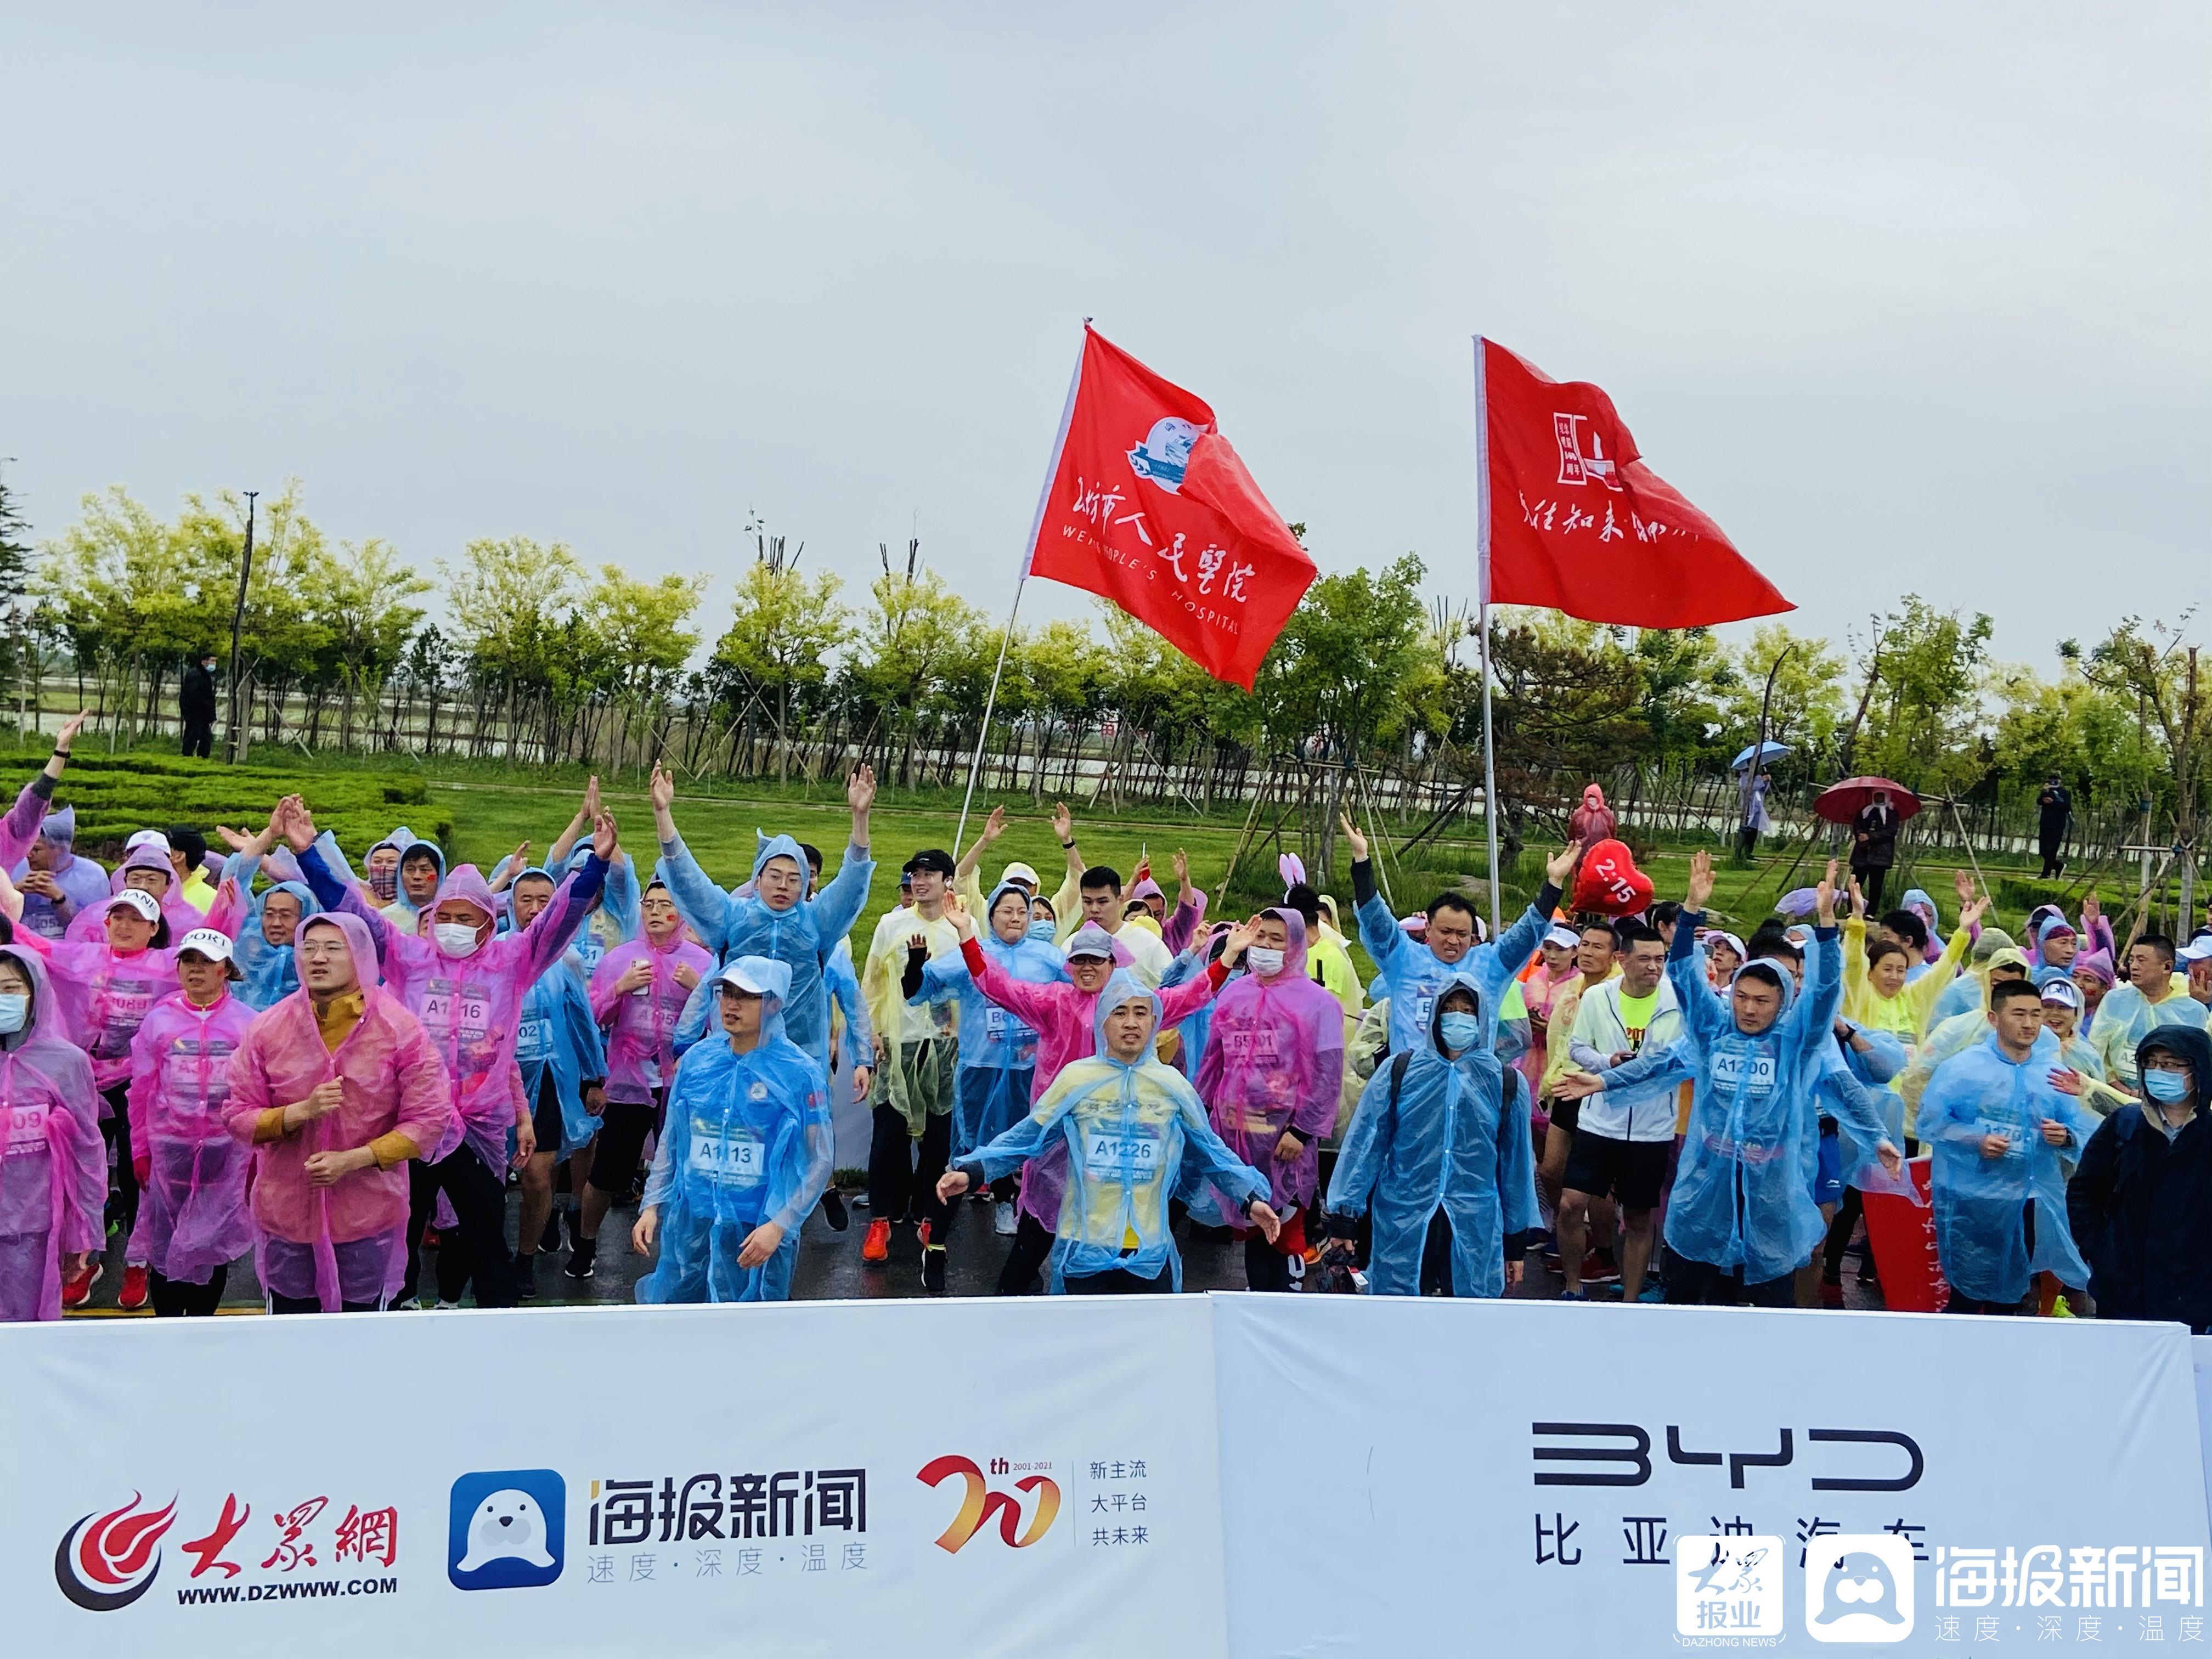 燃动潍坊!中国寒亭•美丽乡村半程马拉松激情开赛